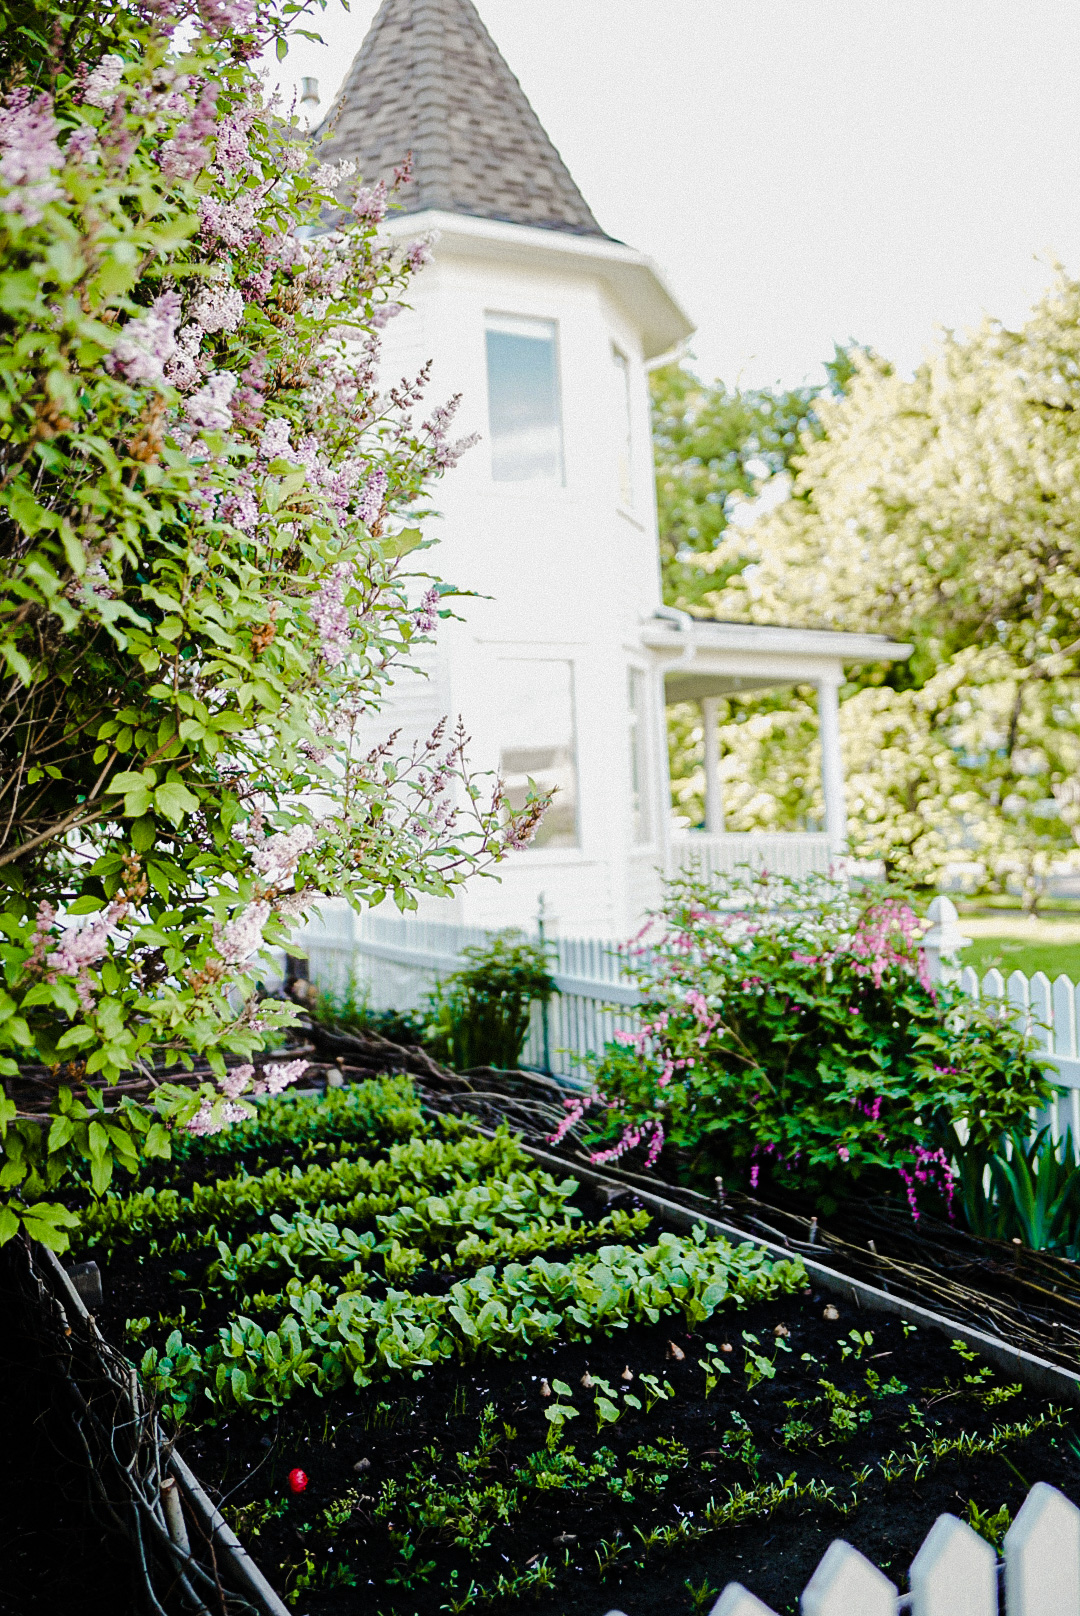 secret woven willow garden hidden by lilac bushes